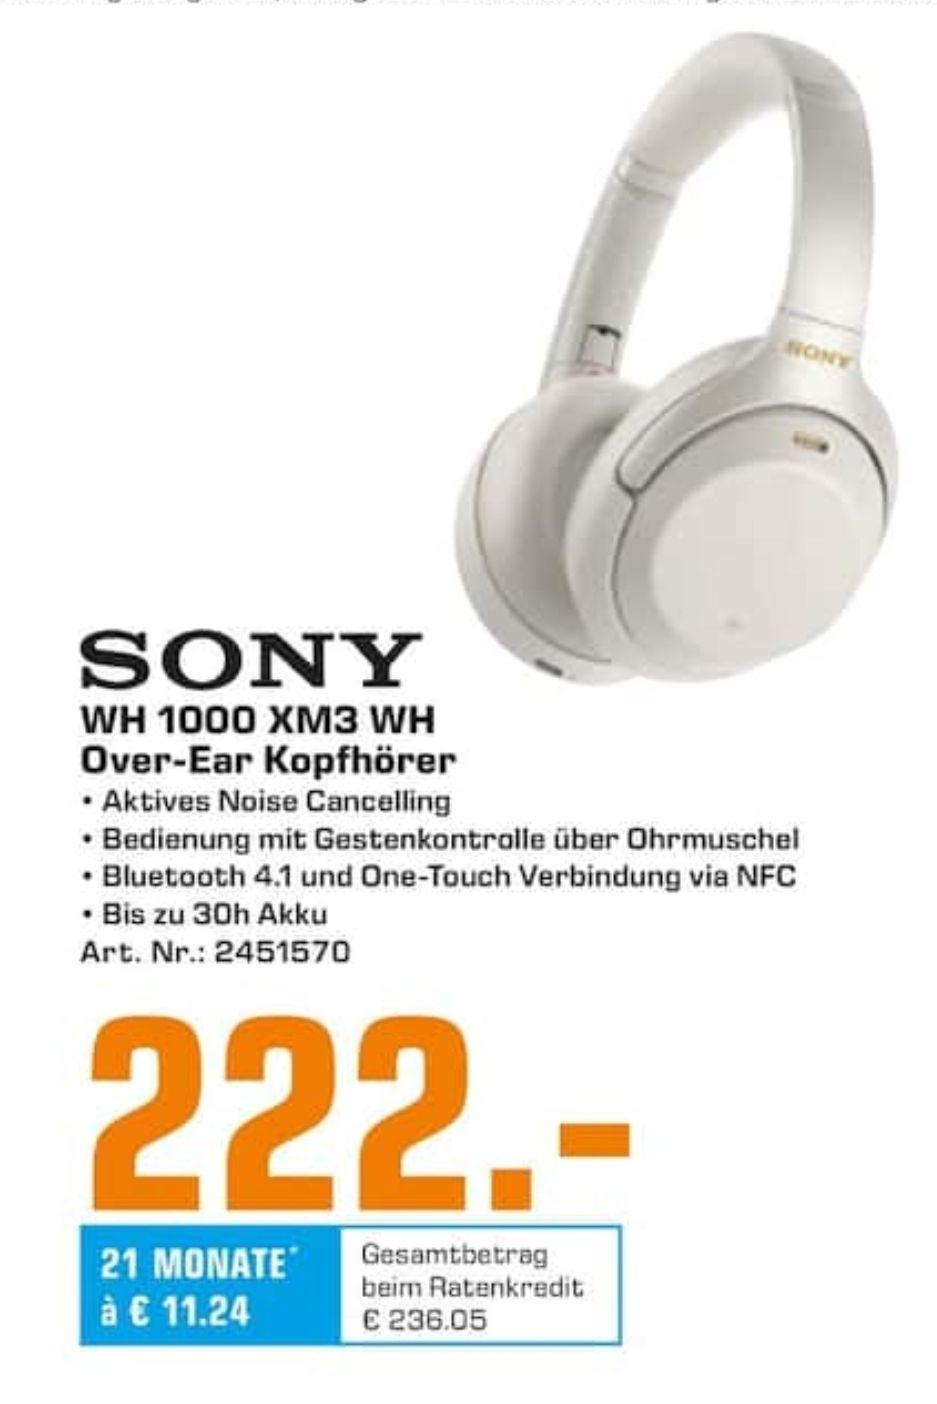 [Saturn Duisburg] Sony WH 1000 XM3 Kopfhörer für 222€